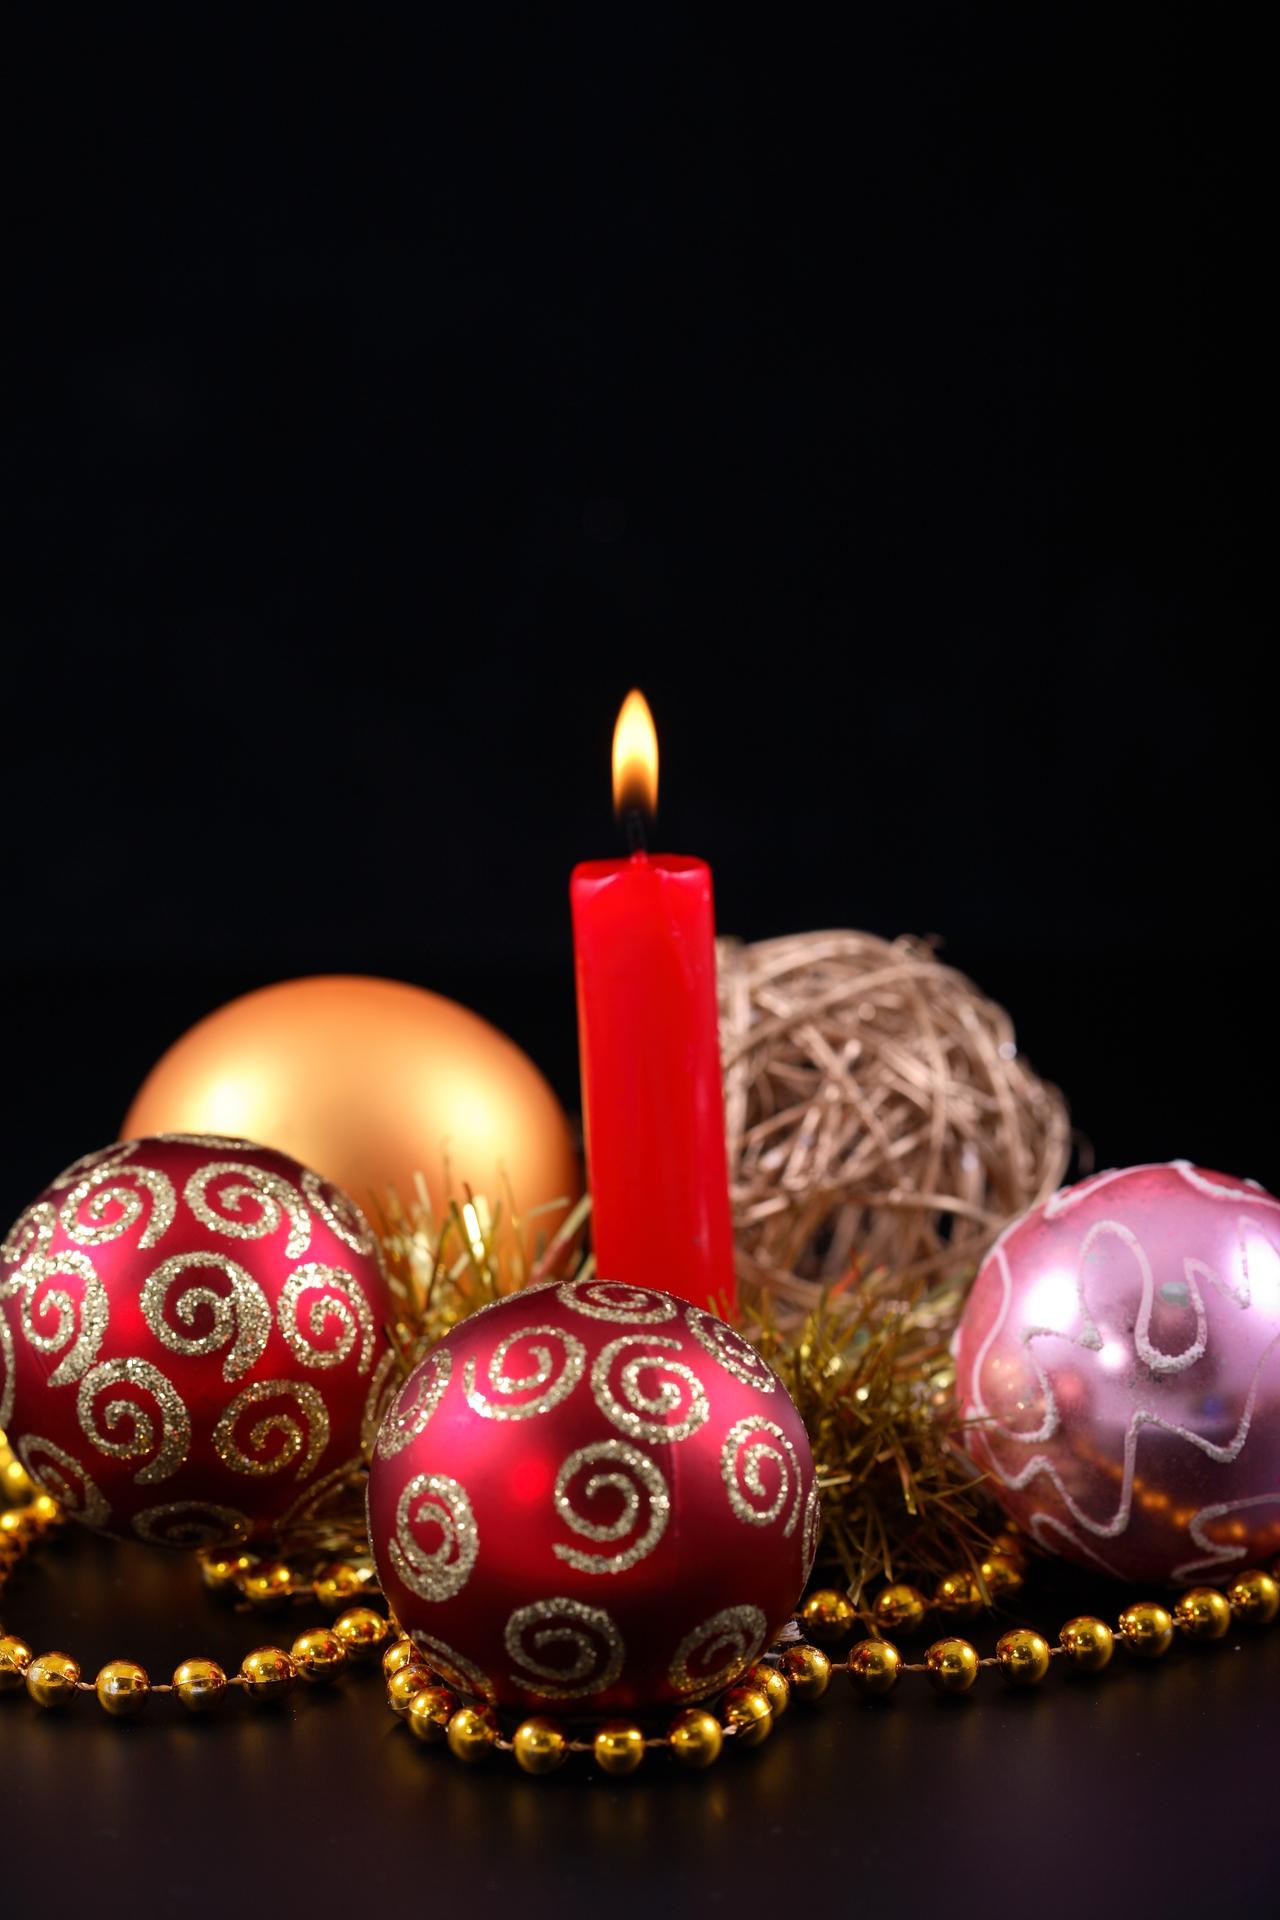 14039 скачать обои Праздники, Новый Год (New Year), Игрушки, Рождество (Christmas, Xmas), Свечи - заставки и картинки бесплатно